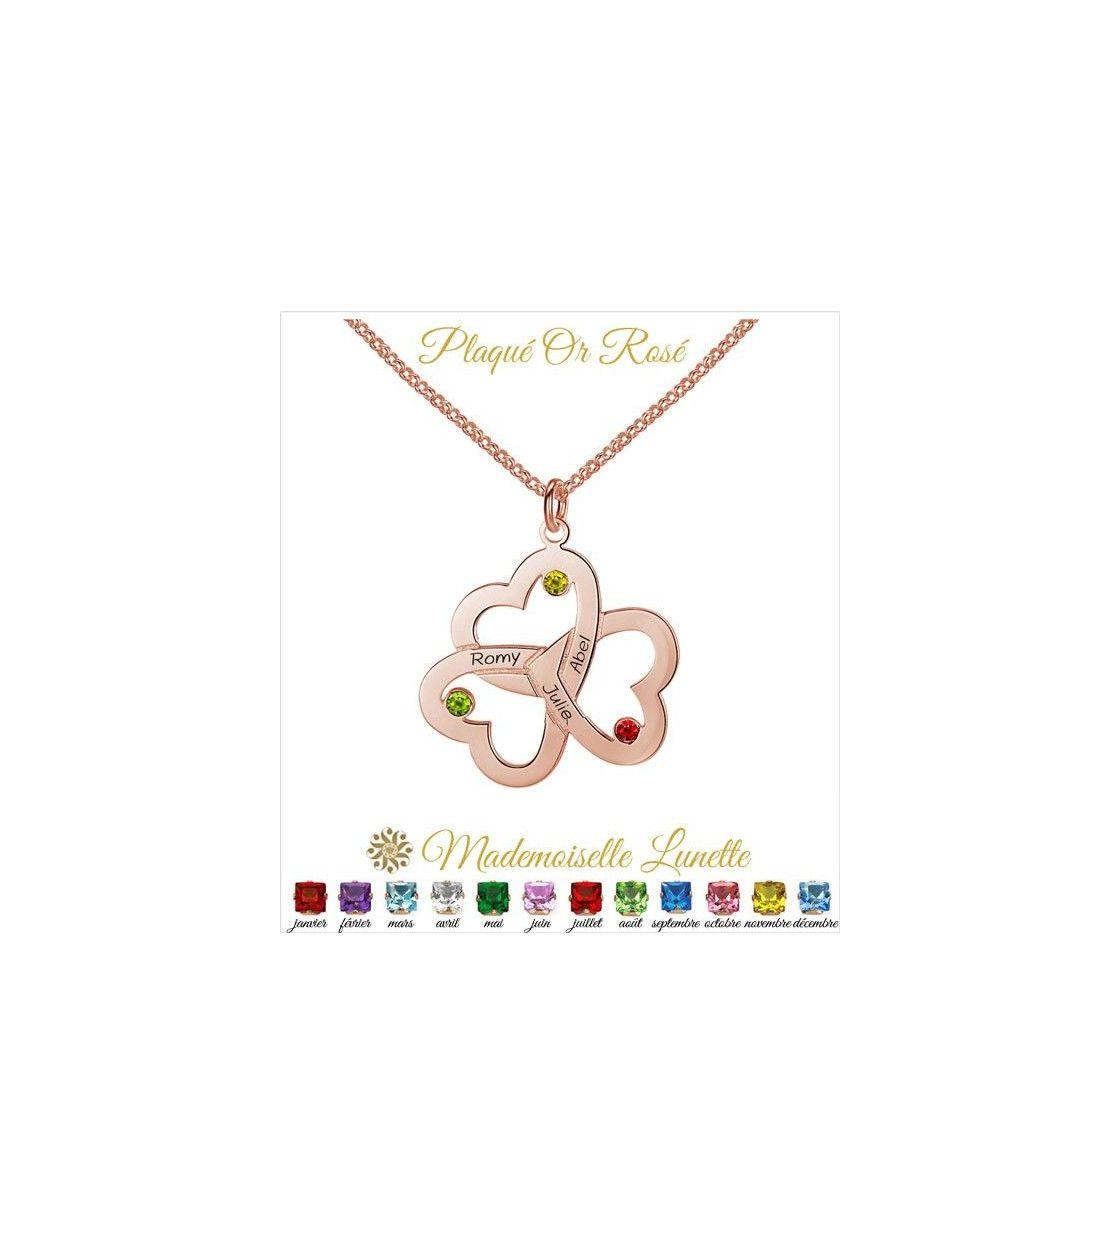 collier-or-rose-3-coeurs-entrelacés-pour-maman-3-pierres-coeur-en-argent-pour-maman-et-3-gravure-prenoms